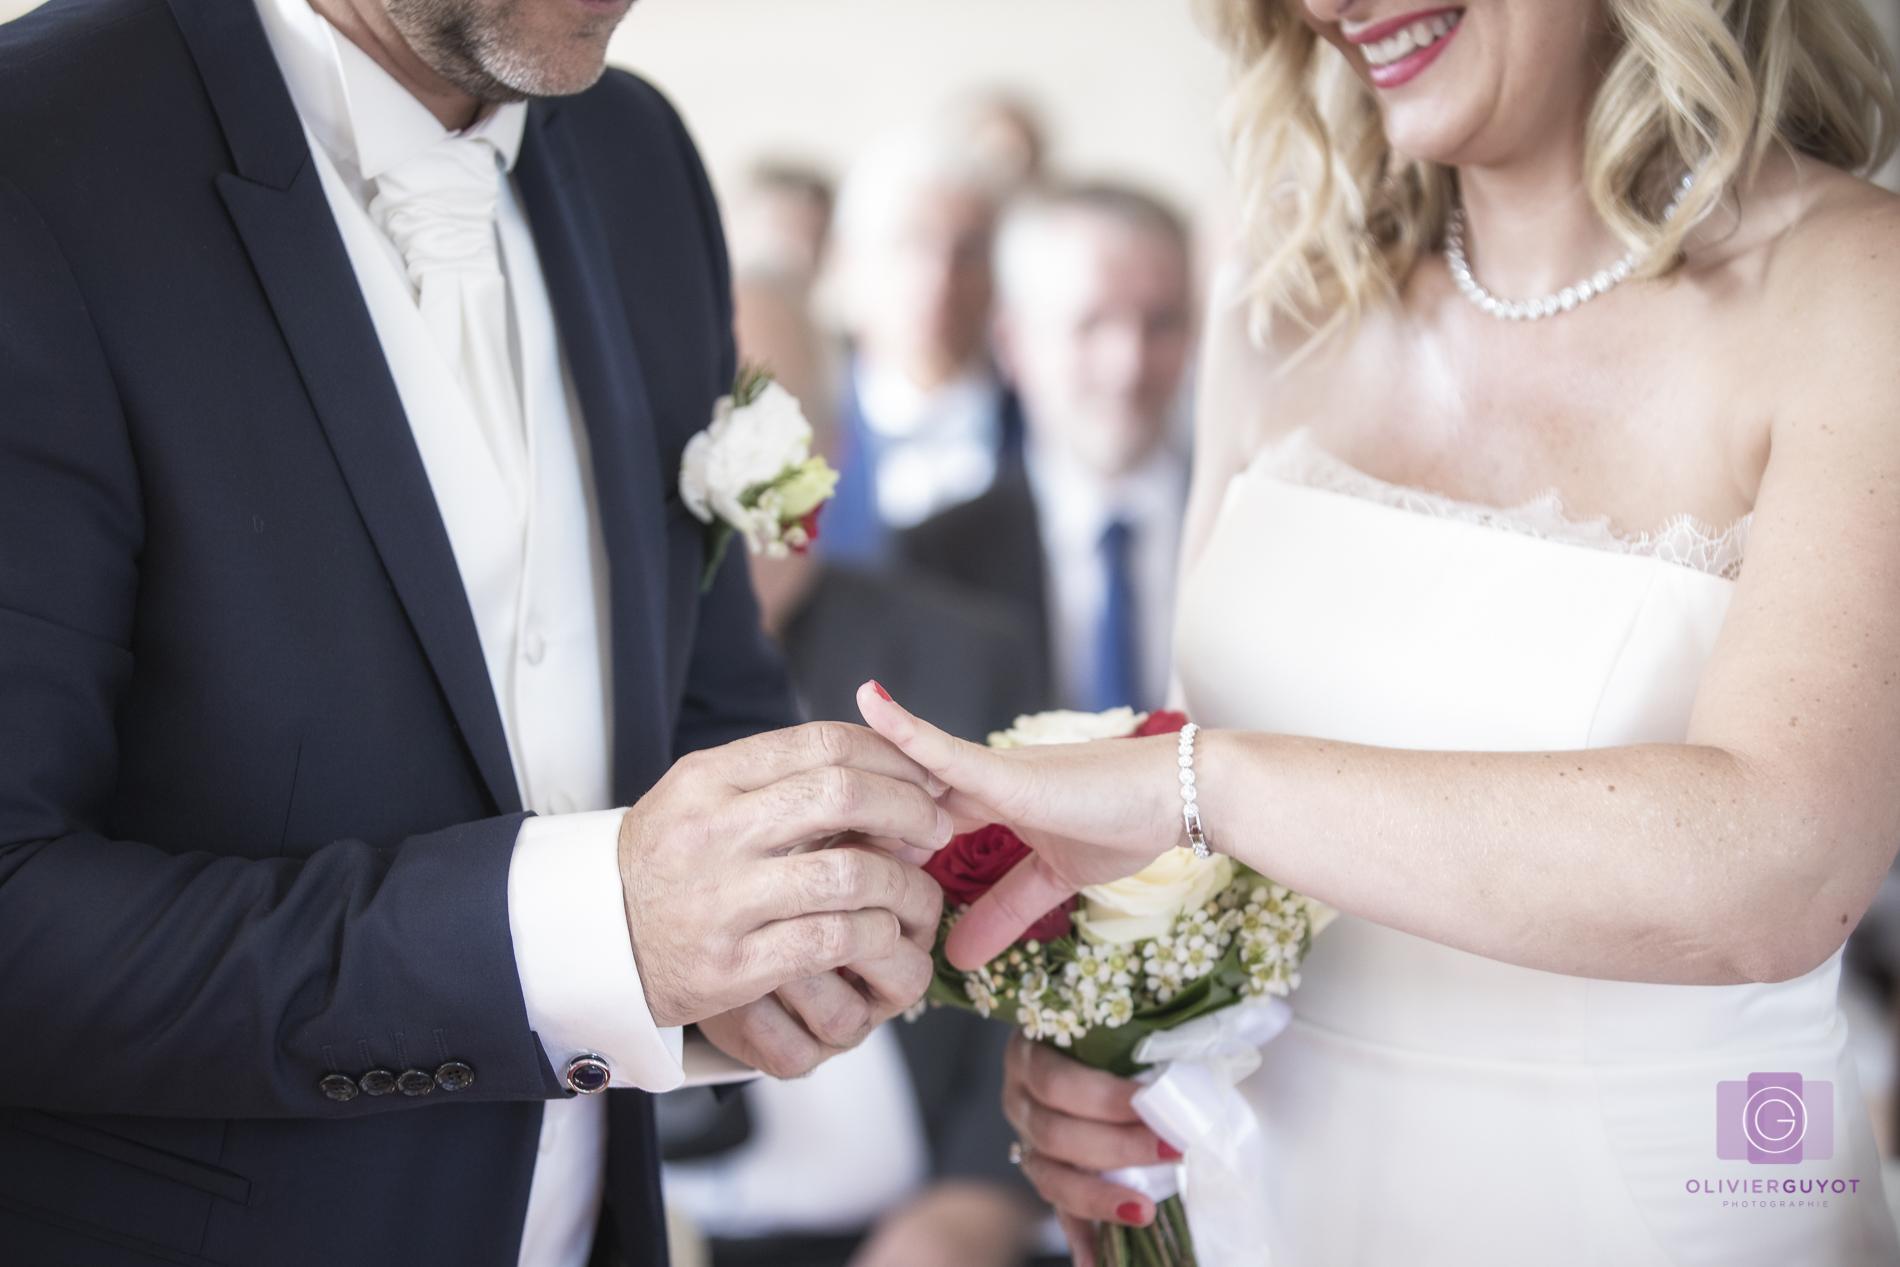 Photographe de mariage...